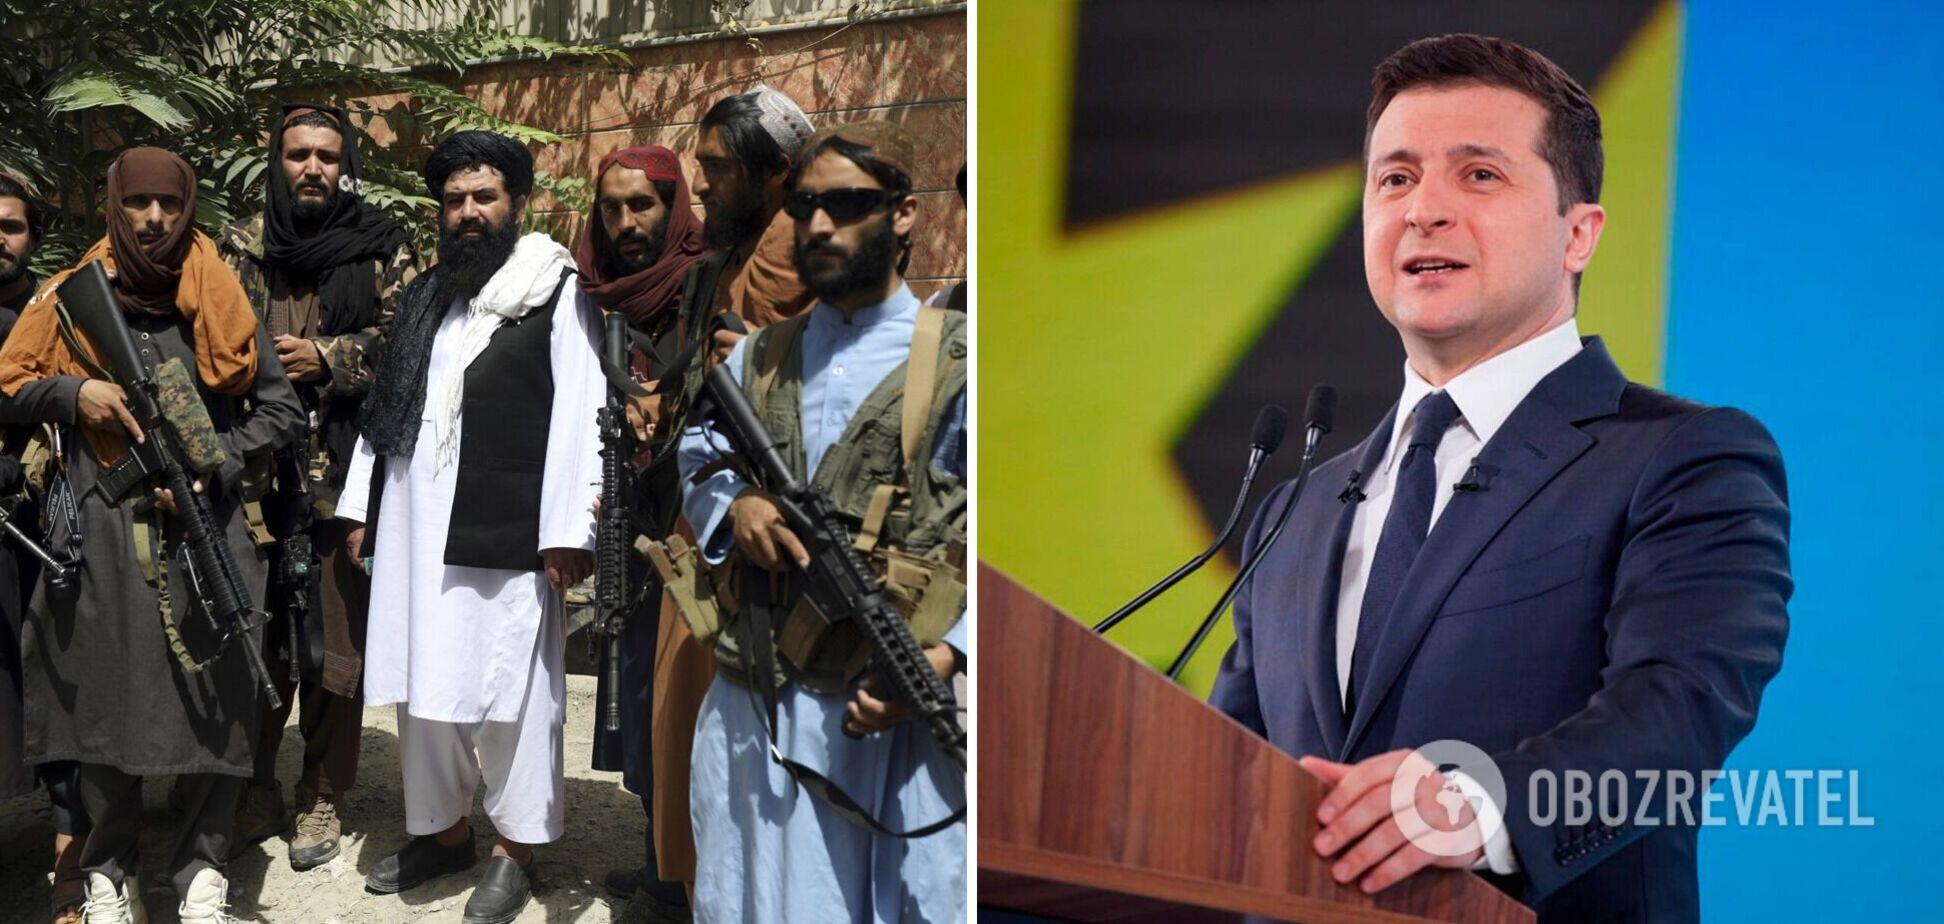 Зеленский объяснил, почему нельзя сравнивать Украину с Афганистаном, и озвучил ожидания от США